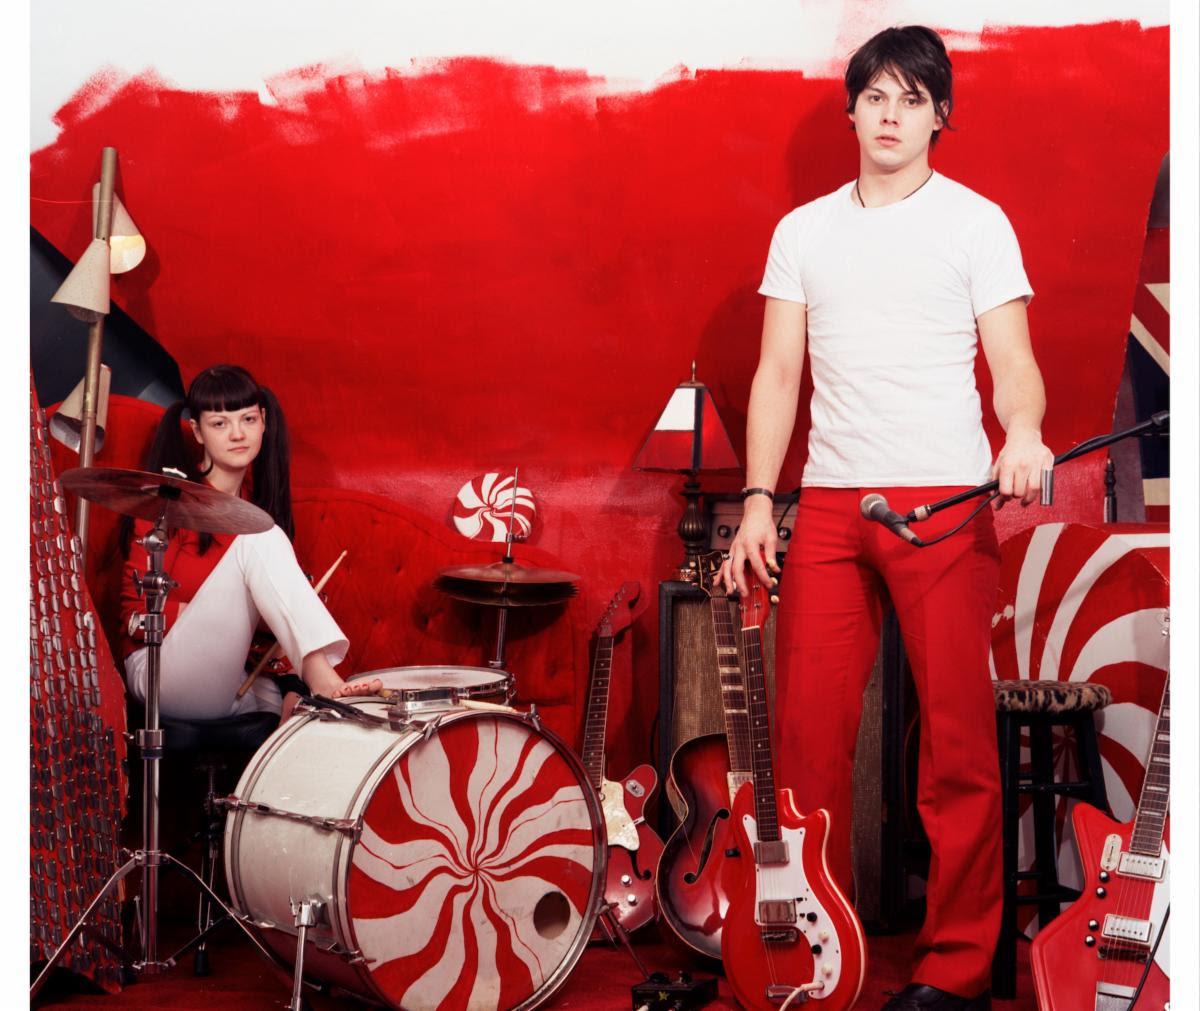 The White Stripes 2001